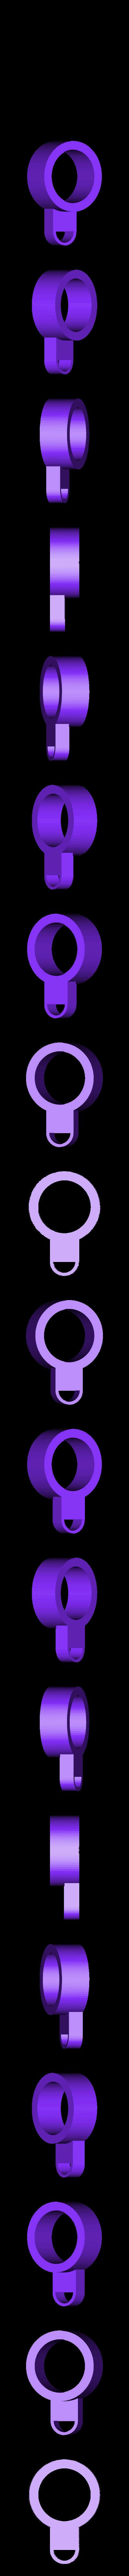 Glider_middle_ring.stl Télécharger fichier STL gratuit Finger Flapper • Design pour imprimante 3D, Beardoric